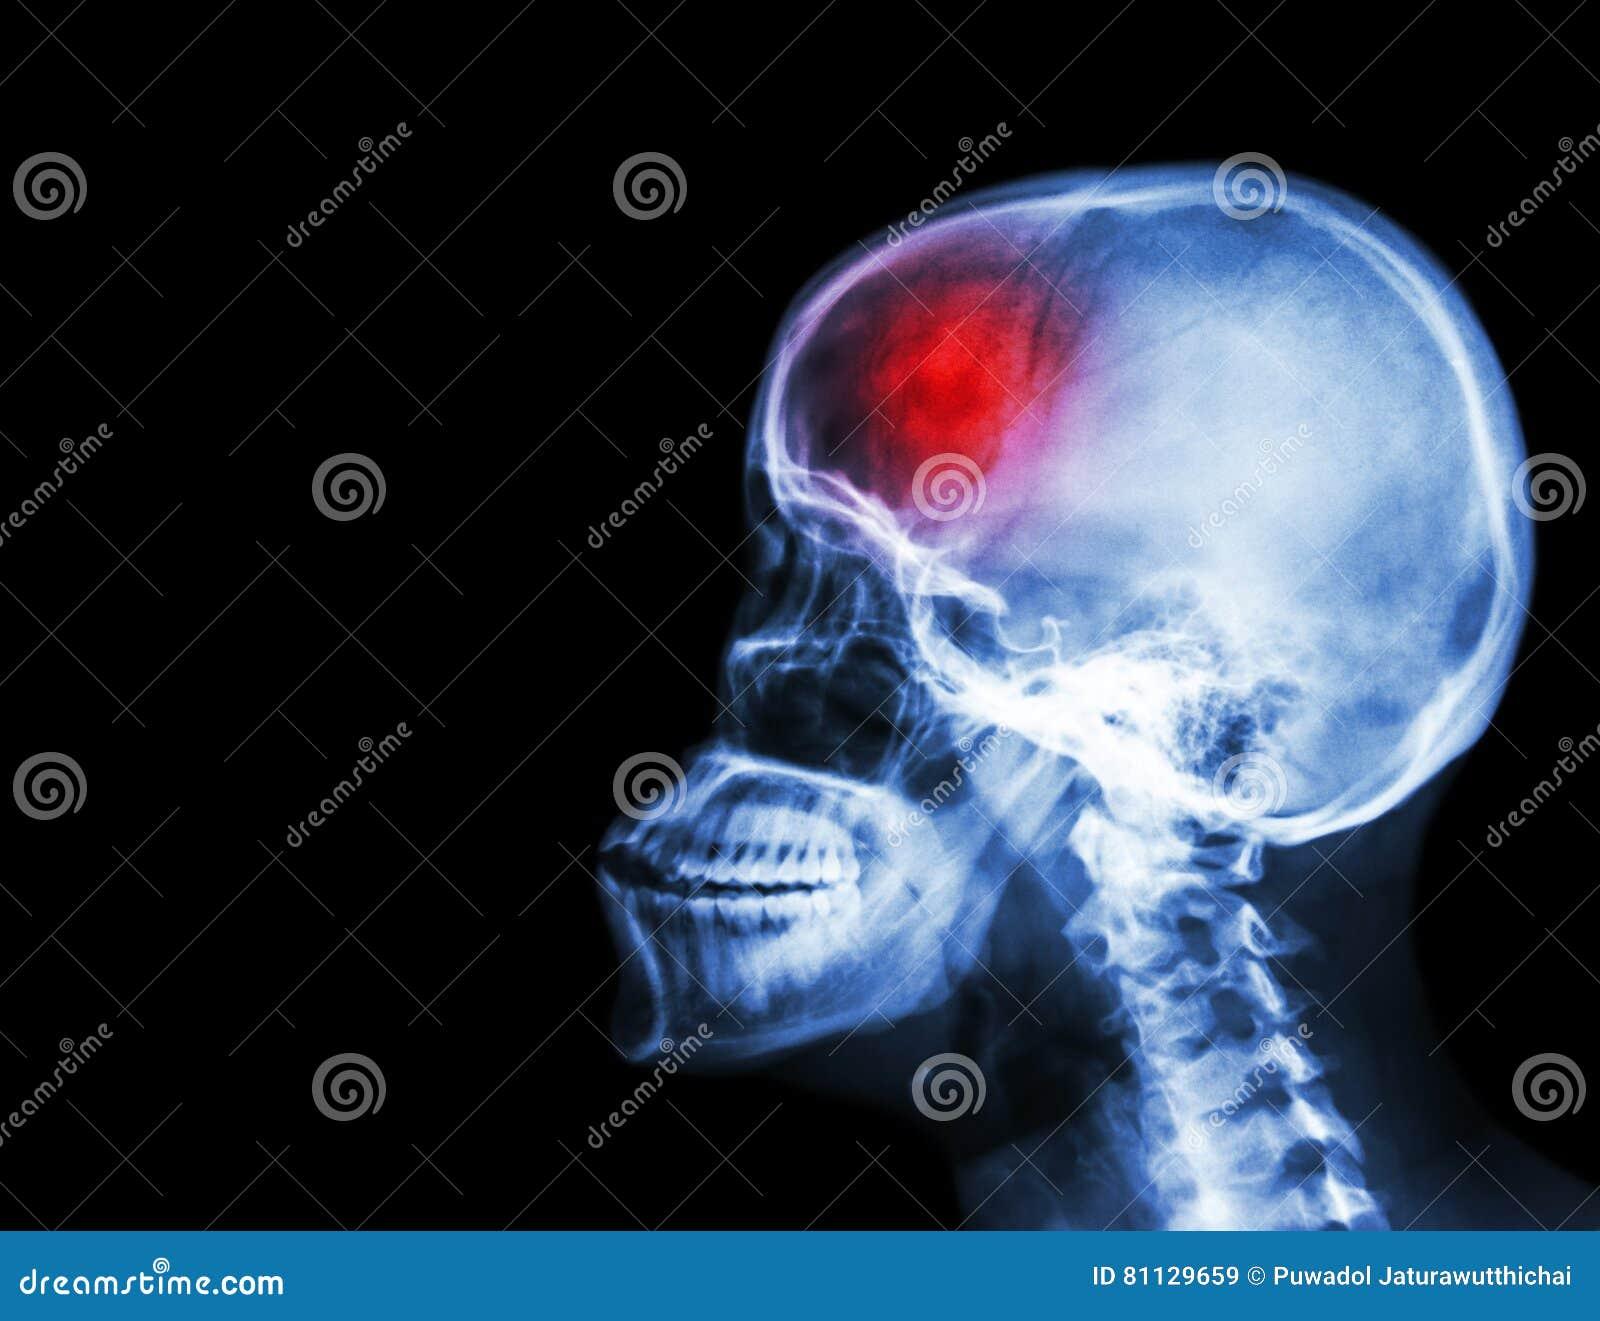 冲程 摄制X-射线头骨和子宫颈脊椎侧向视图和冲程 脑血管故障 空白的区域在左边